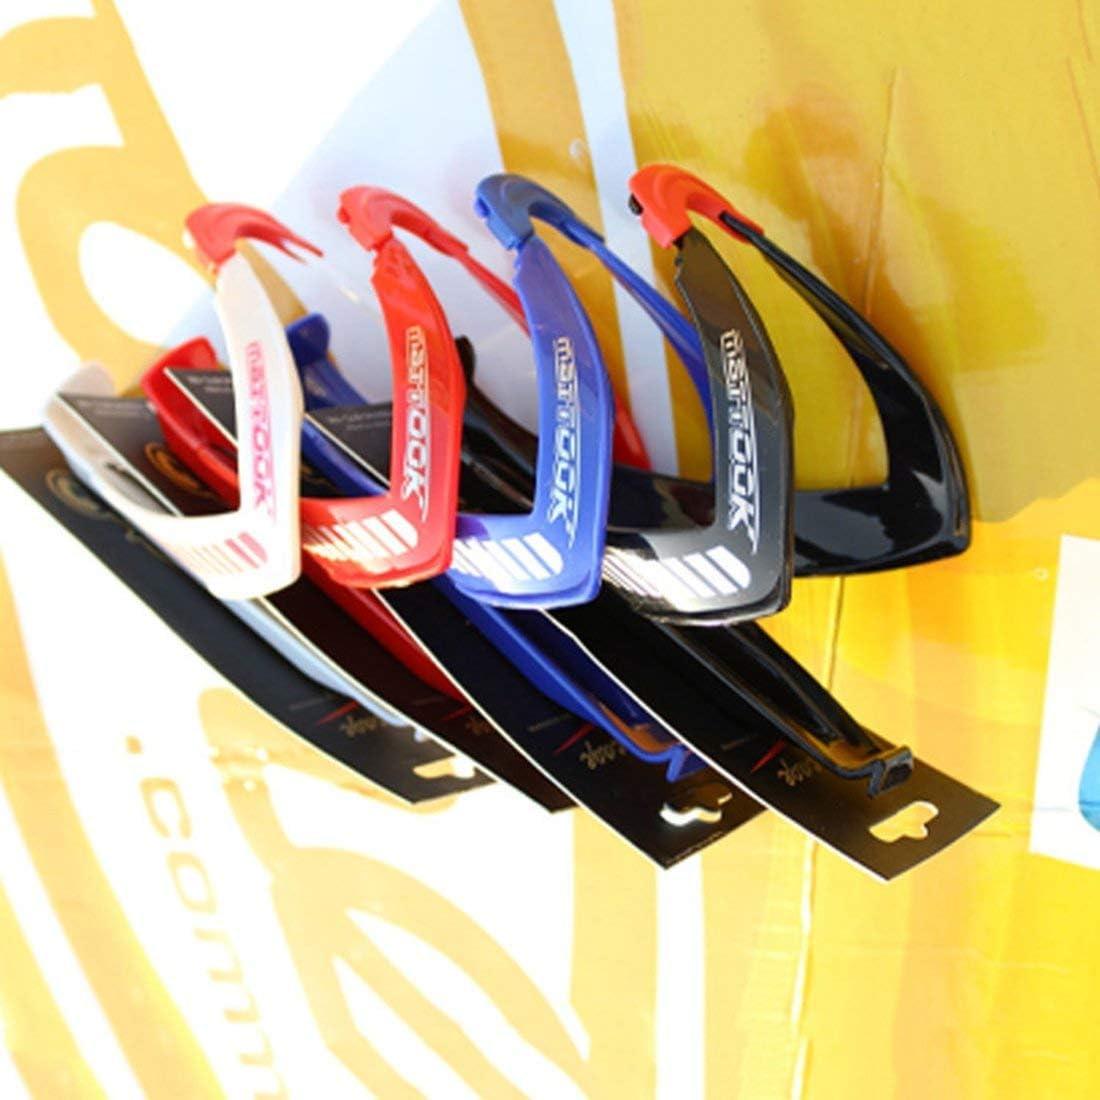 vbncvbfghfgh MTB Bike Road Bike Bottle Rack Cage Glass Fiber Plastic Drink Water Bottle Cage Bottle Holder Bicycle Accessories